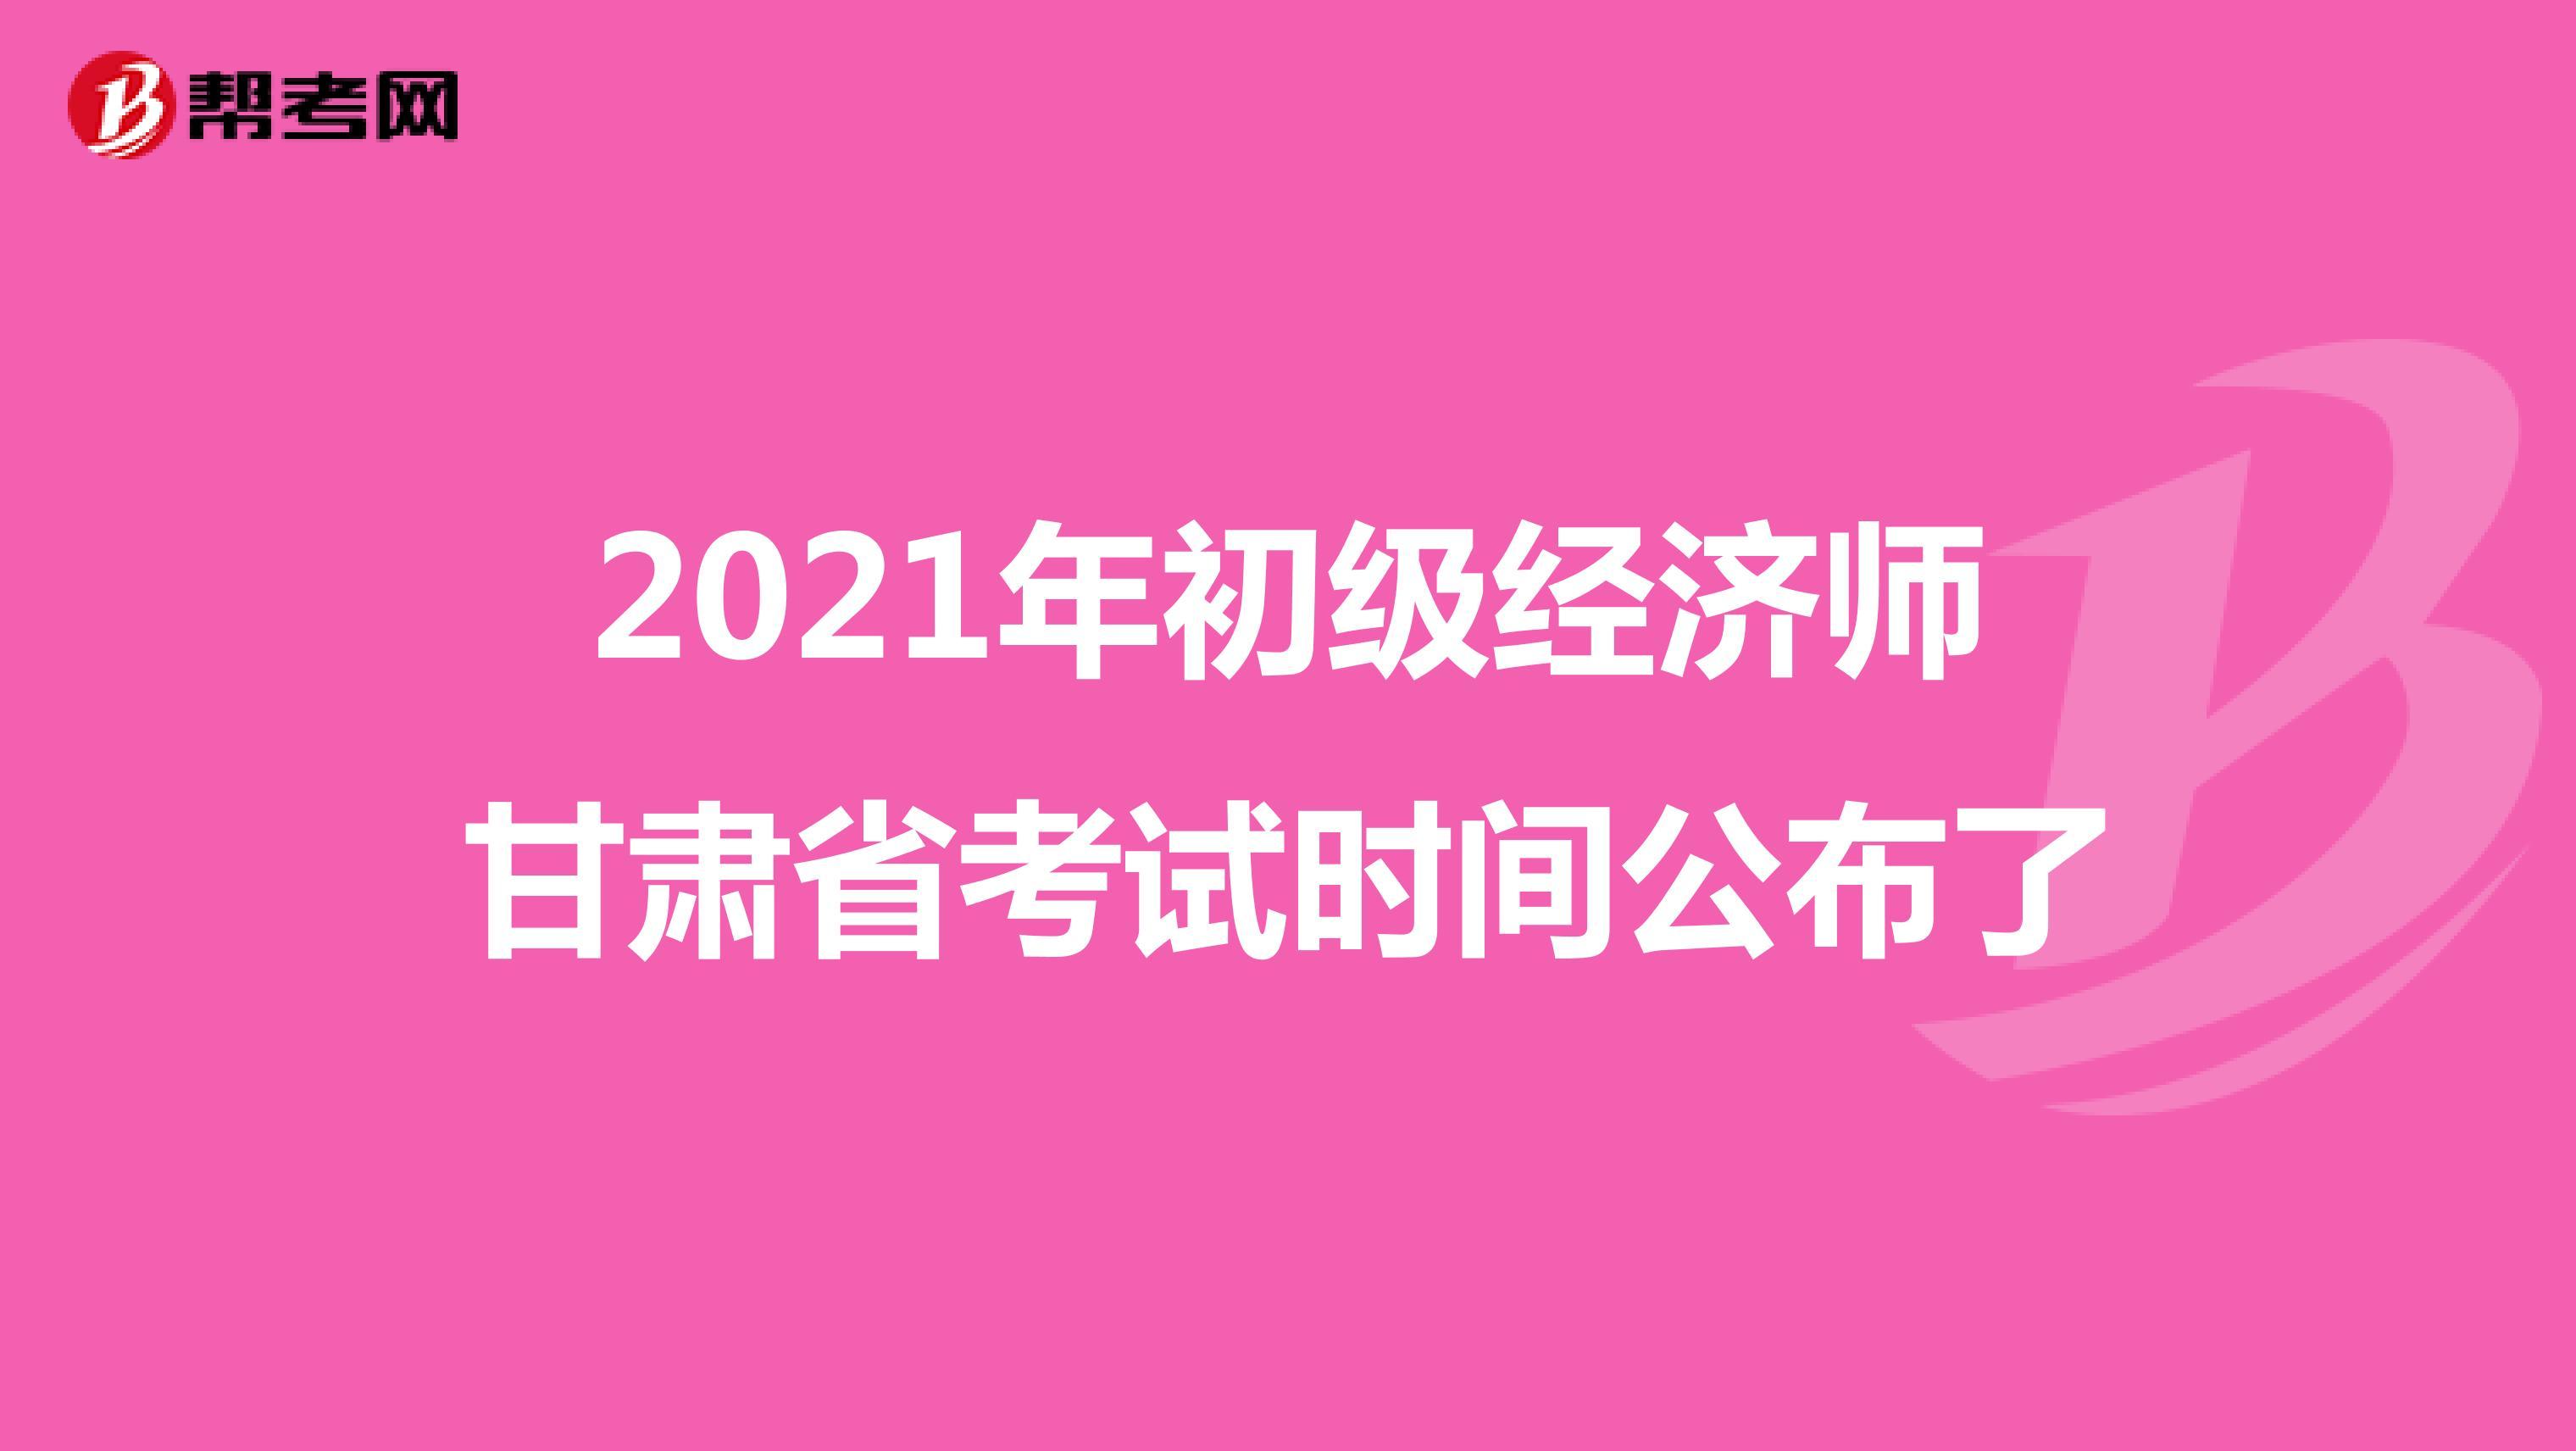 2021年初级经济师甘肃省考试时间公布了